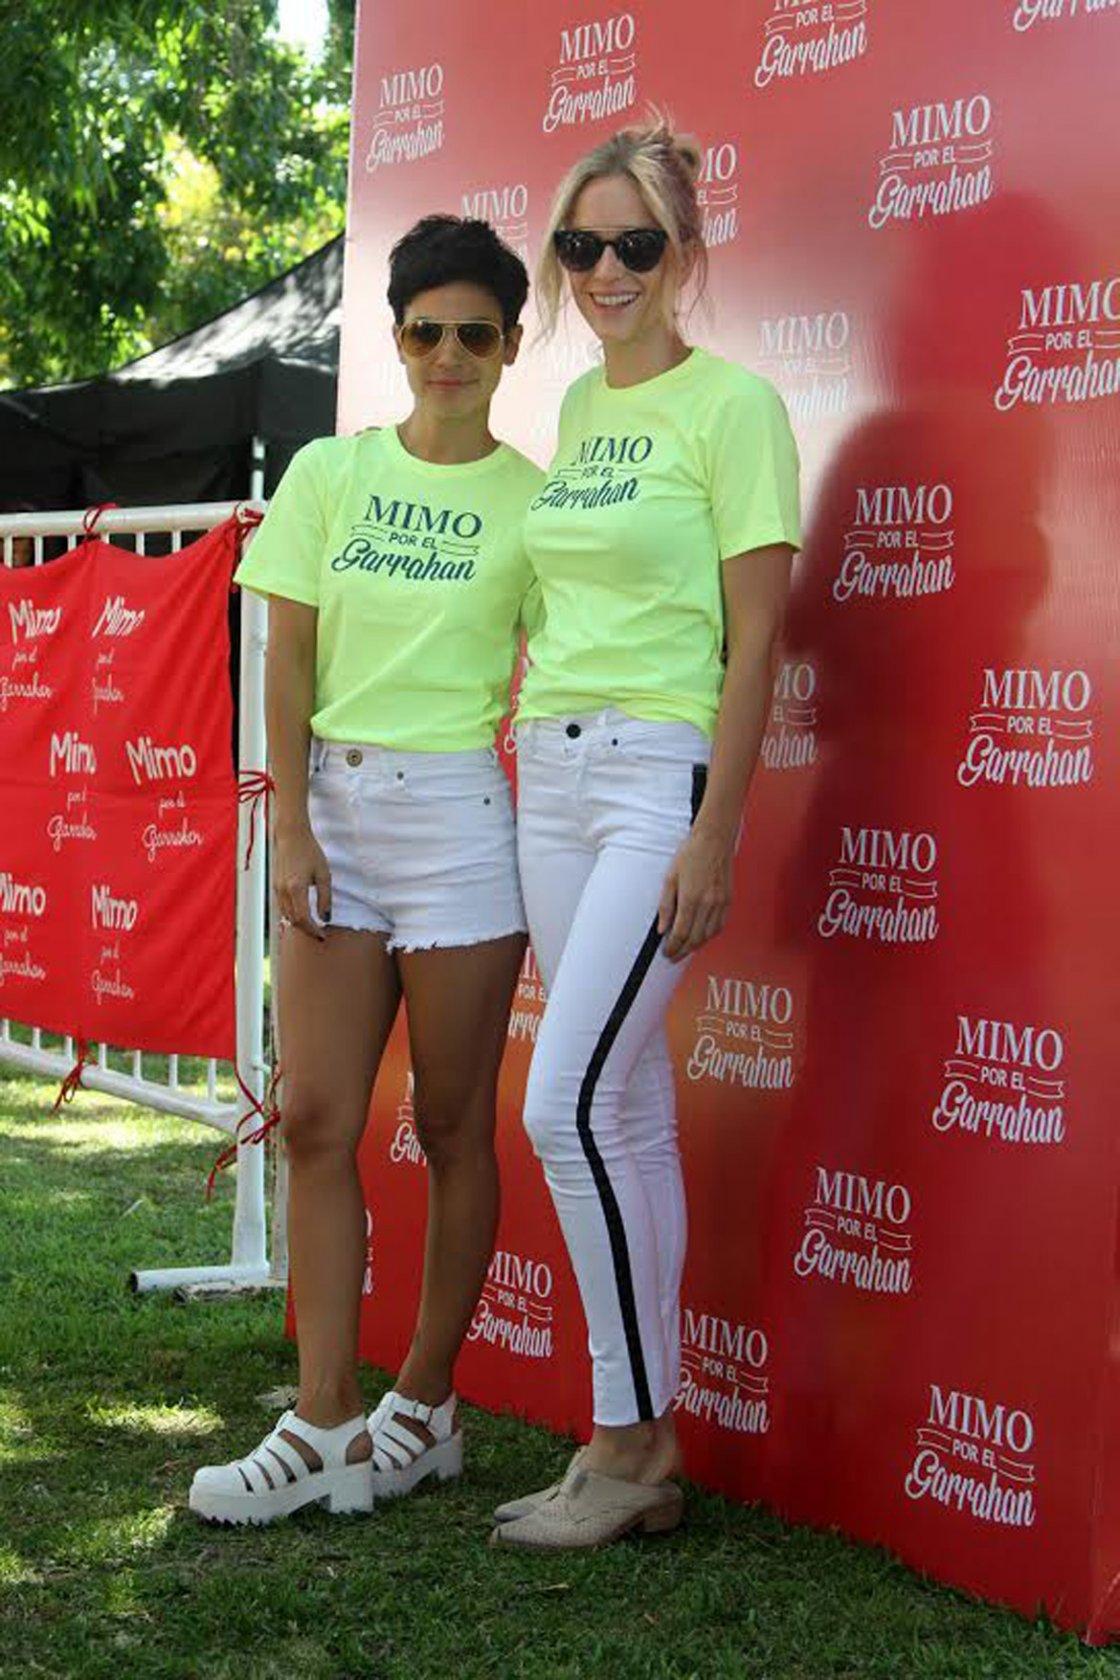 Agustina Cherri y Brenda Gandinien la caminata Mimmo por el Garrahan